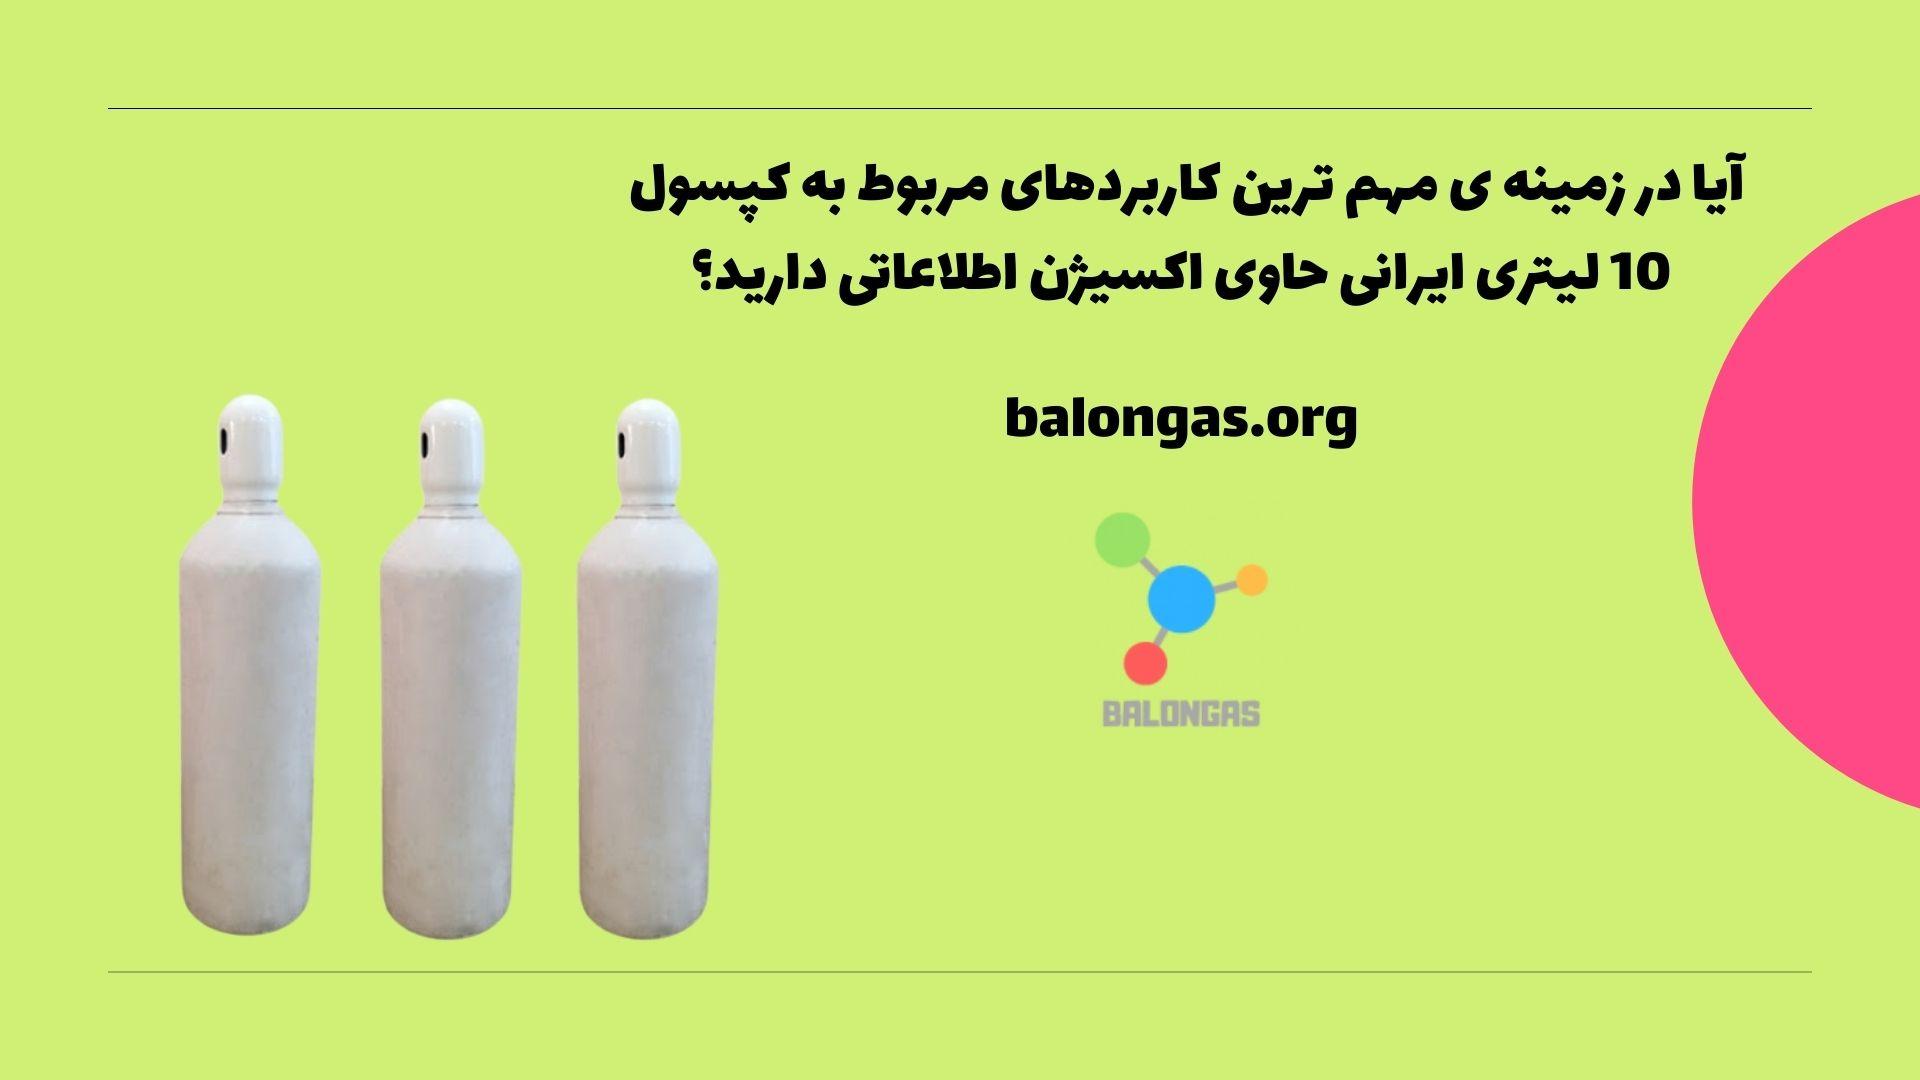 آیا در زمینه ی مهم ترین کاربردهای مربوط به کپسول 10 لیتری ایرانی حاوی اکسیژن اطلاعاتی دارید؟